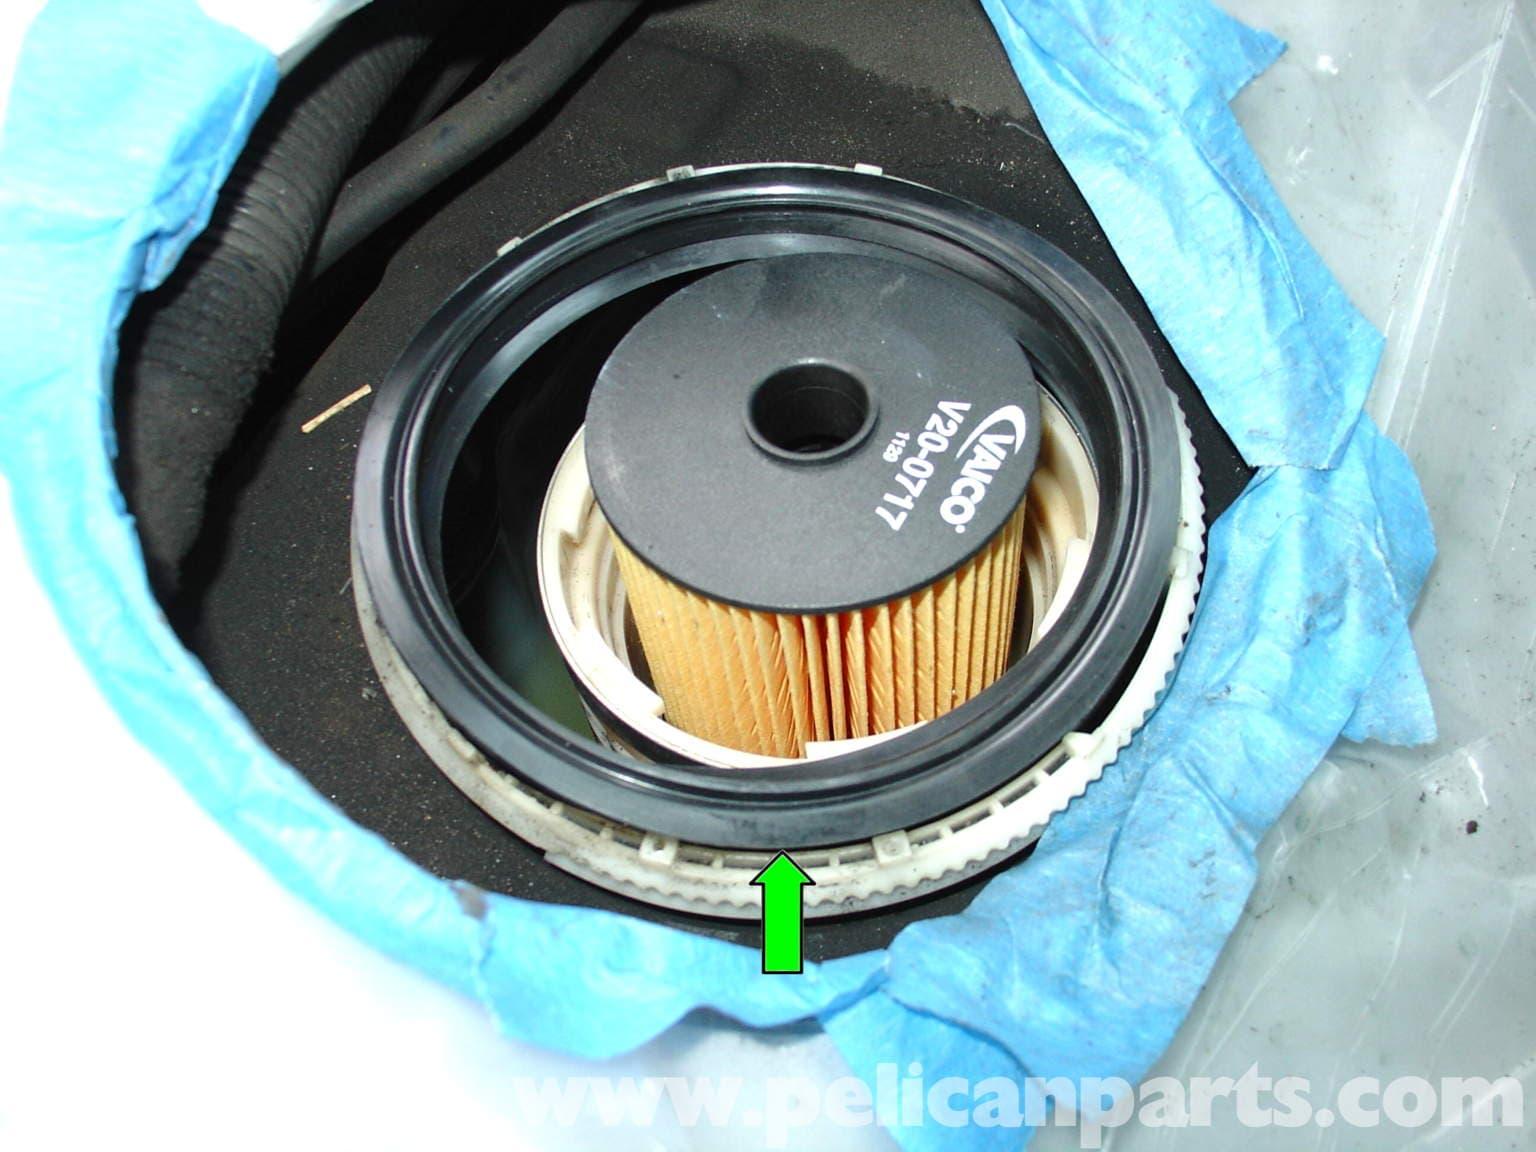 2002 cavalier fuel pump wiring diagram fuel pump filter #13